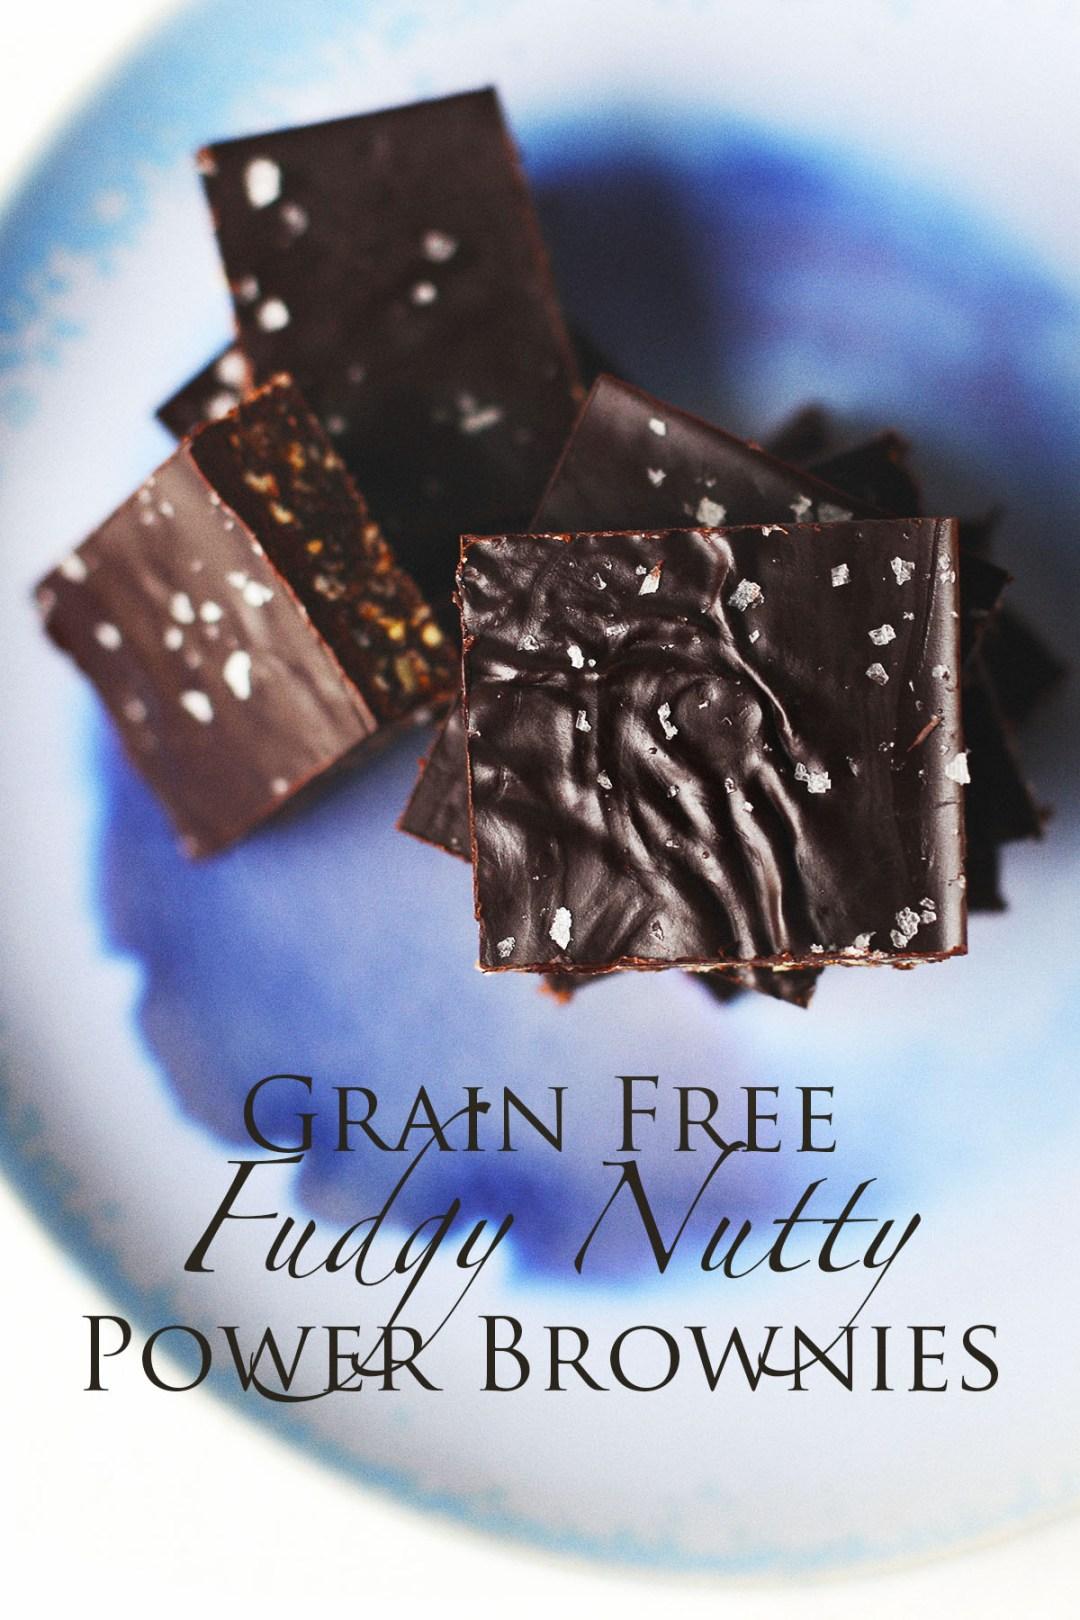 Grain Free Fudgy Nutty Power Brownies